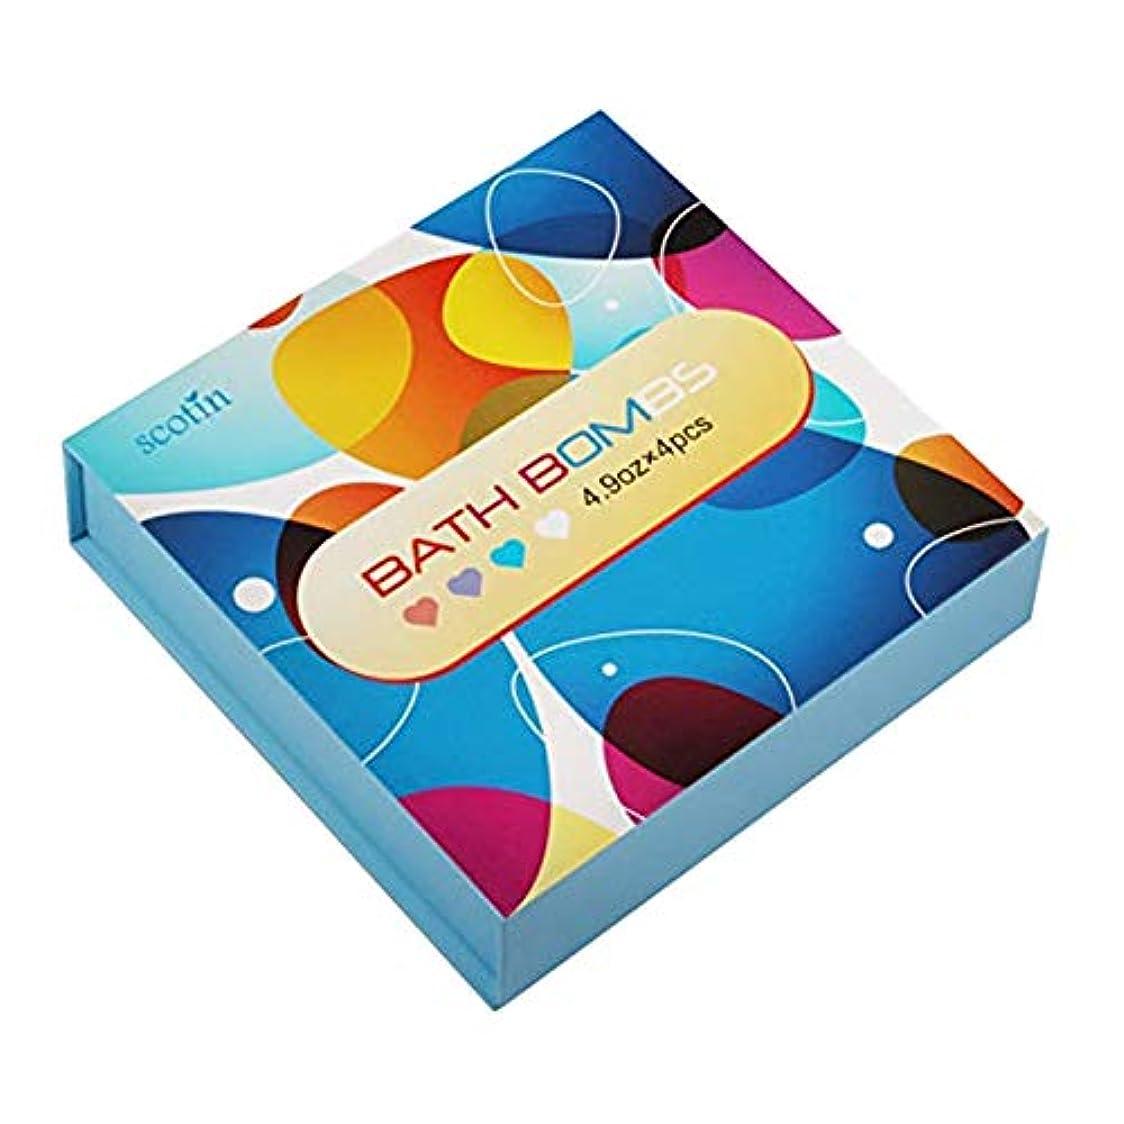 バラ色クリック確認するSODIAL バスボール?ギフトセット-女性のための 4つのハート型 手作り-パーフェクト バブル&スパバス用-乾燥肌を保湿するためのエッセンシャルオイルとフレグランスオイル